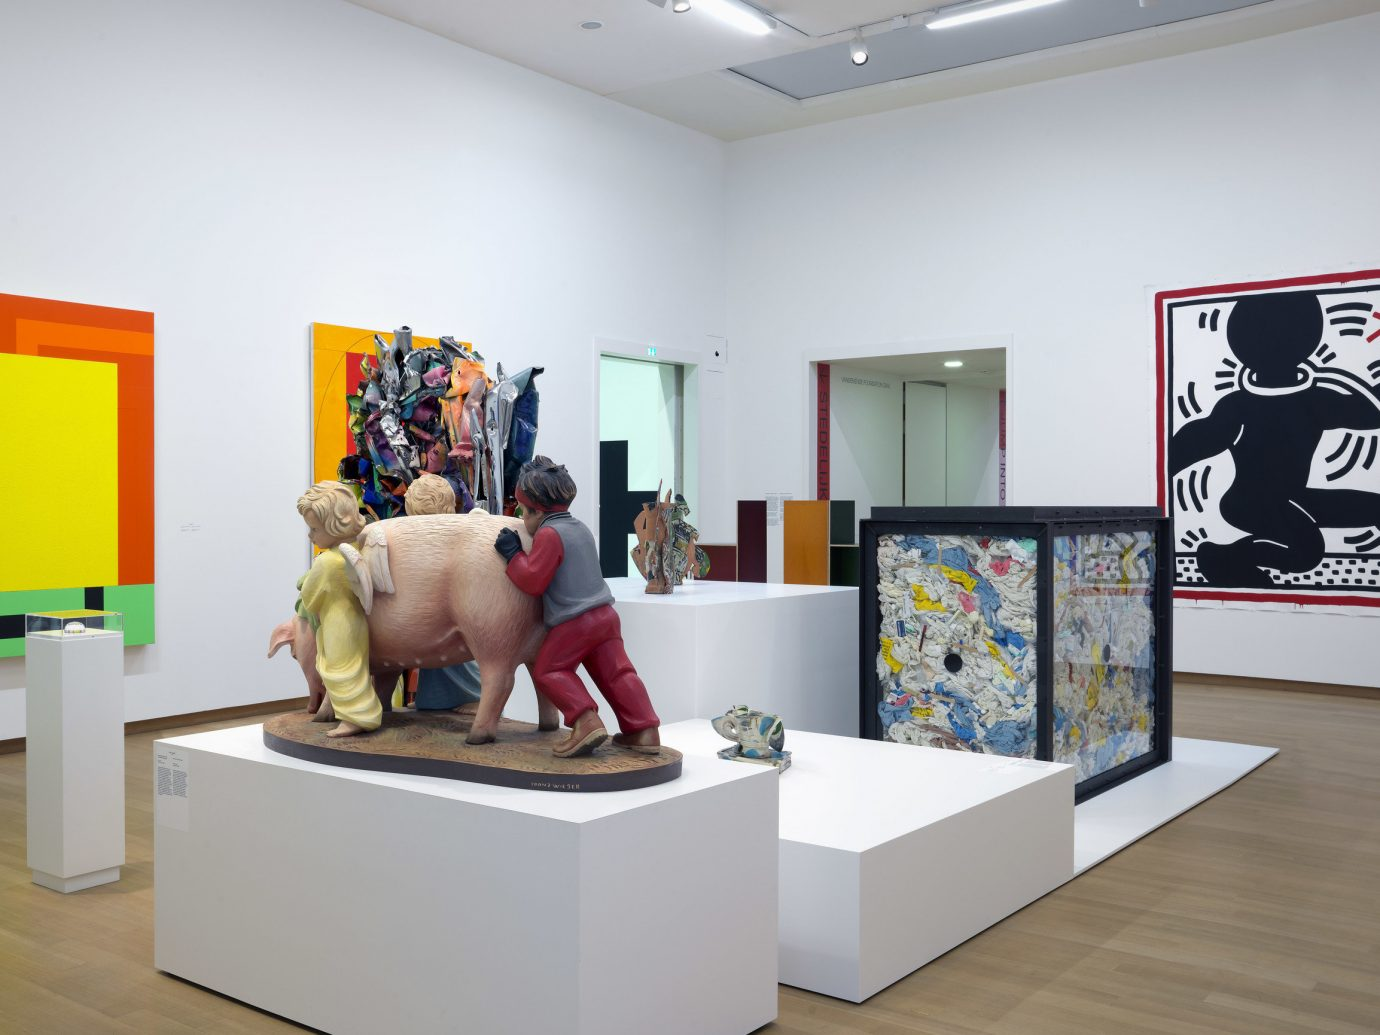 Stedelijk Museum of Modern Art, Amsterdam